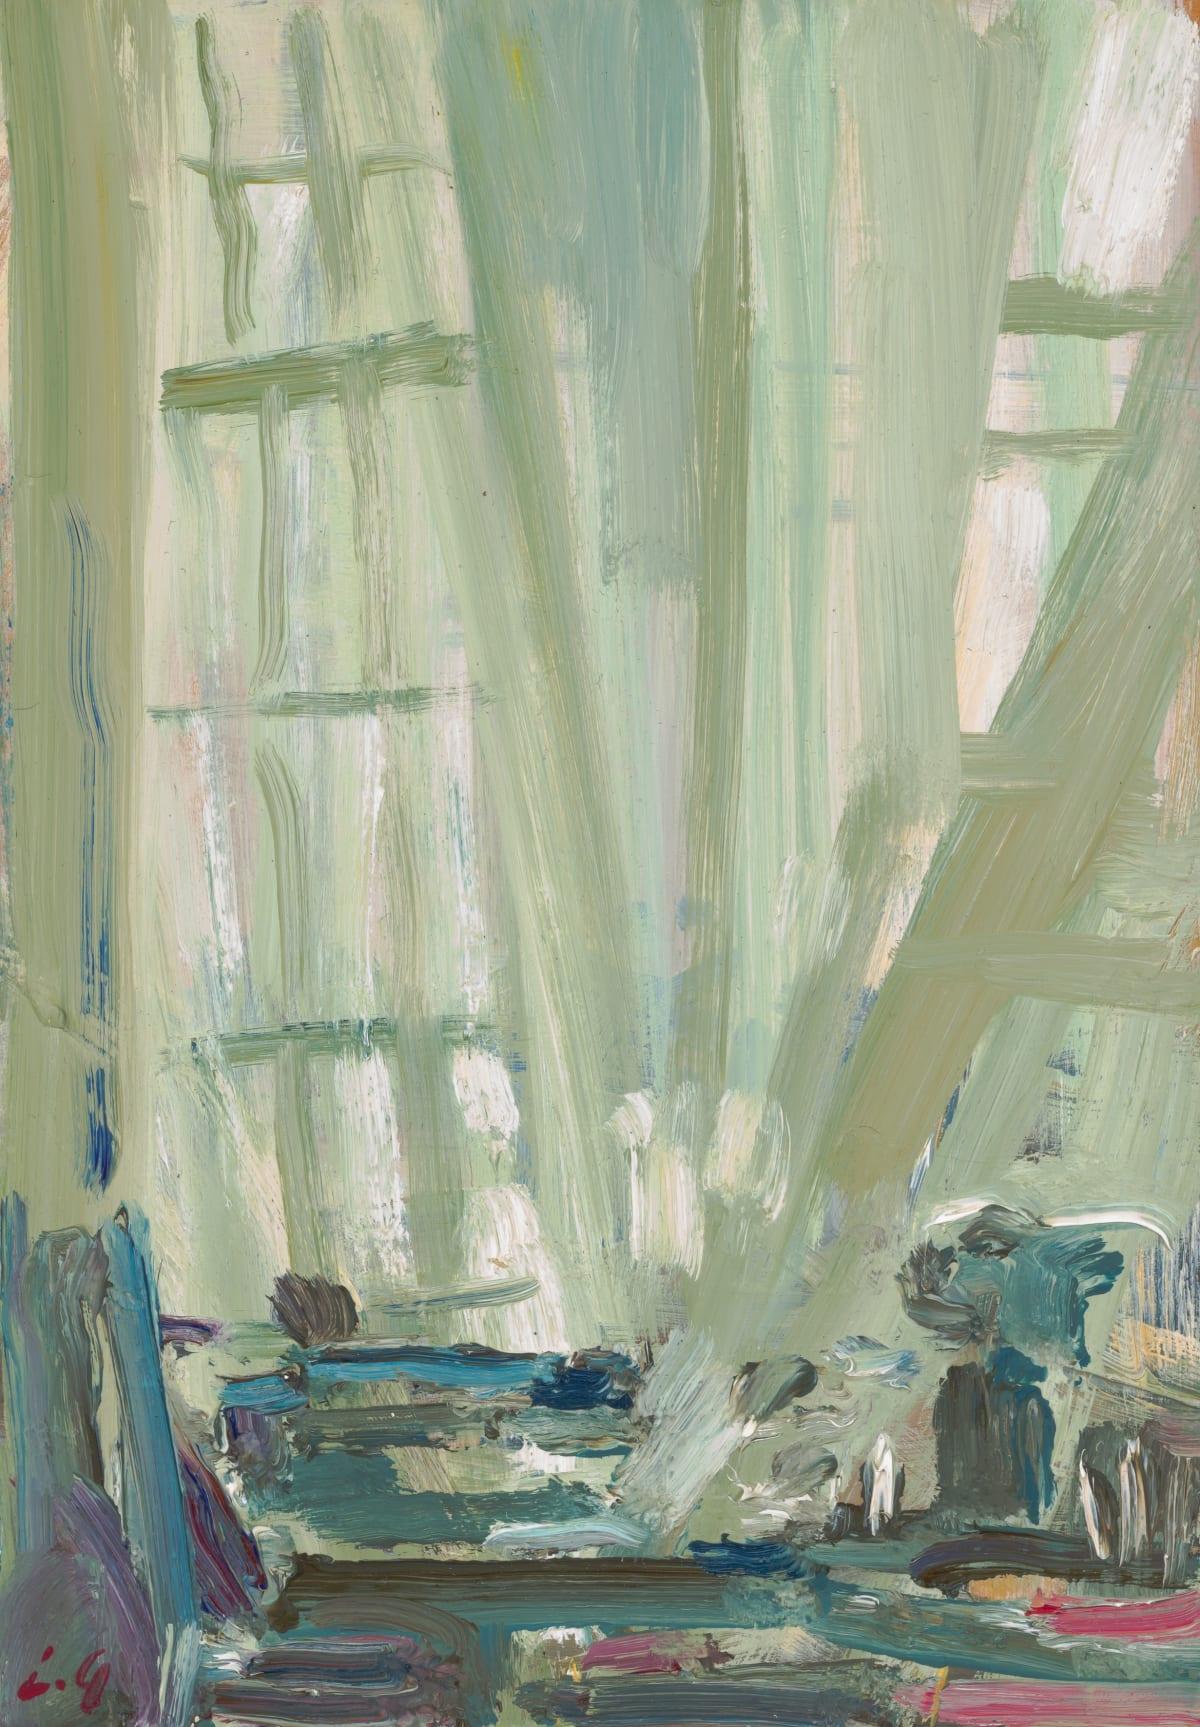 Lindy Guinness, Tumbling Illuminations, Eighteen Century Windows, 2020